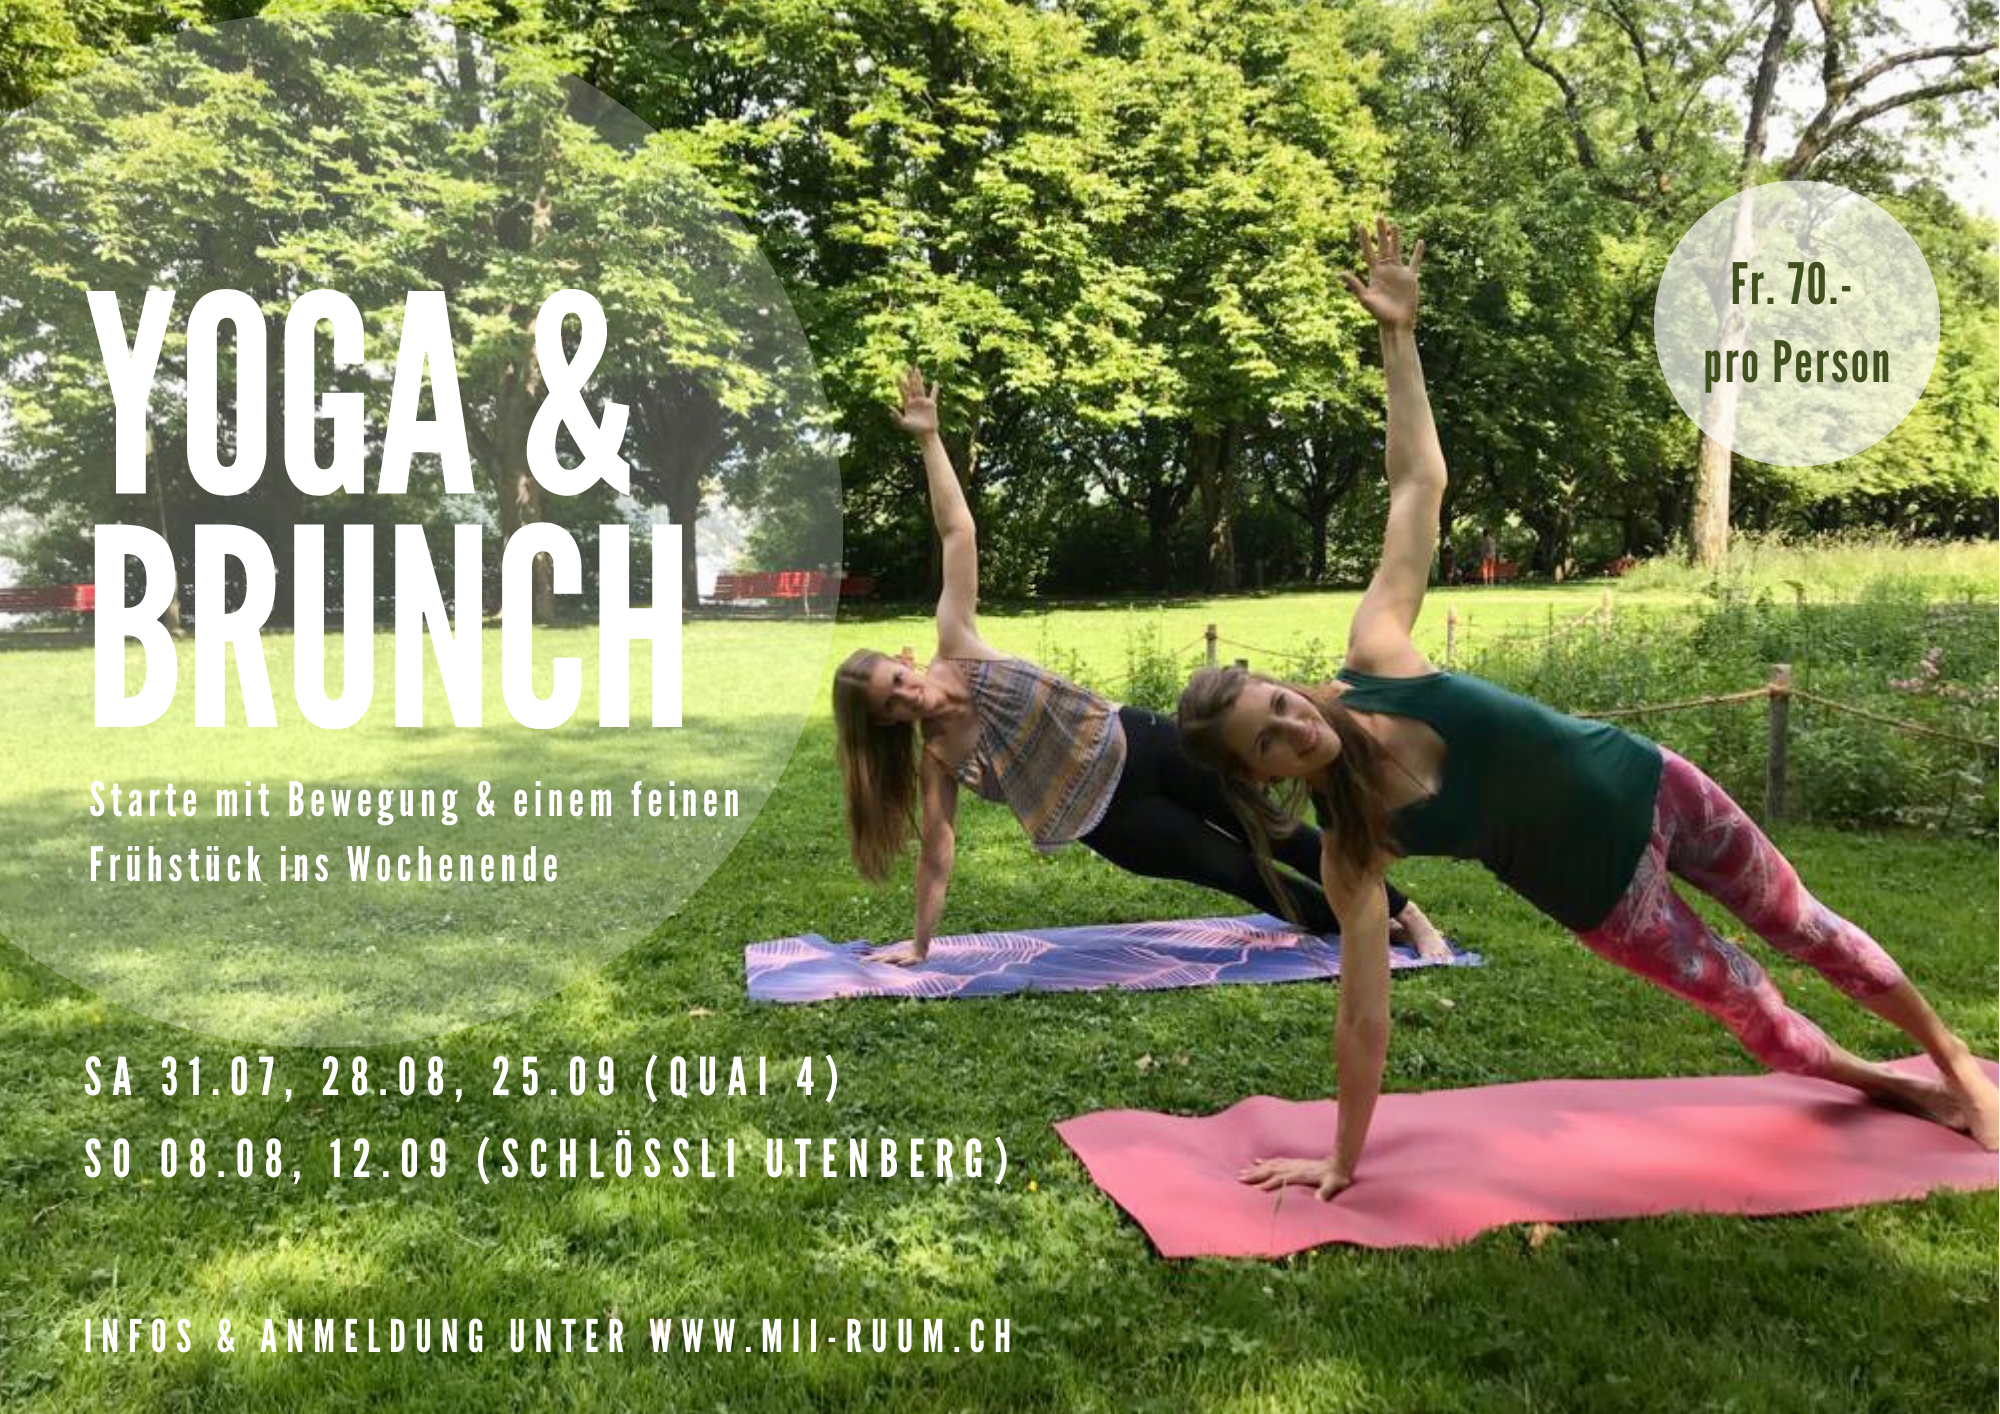 Flyer Yoga  Brunch Event Quai4 zwei Lehrpersonen fhren die Side Plank Position aus